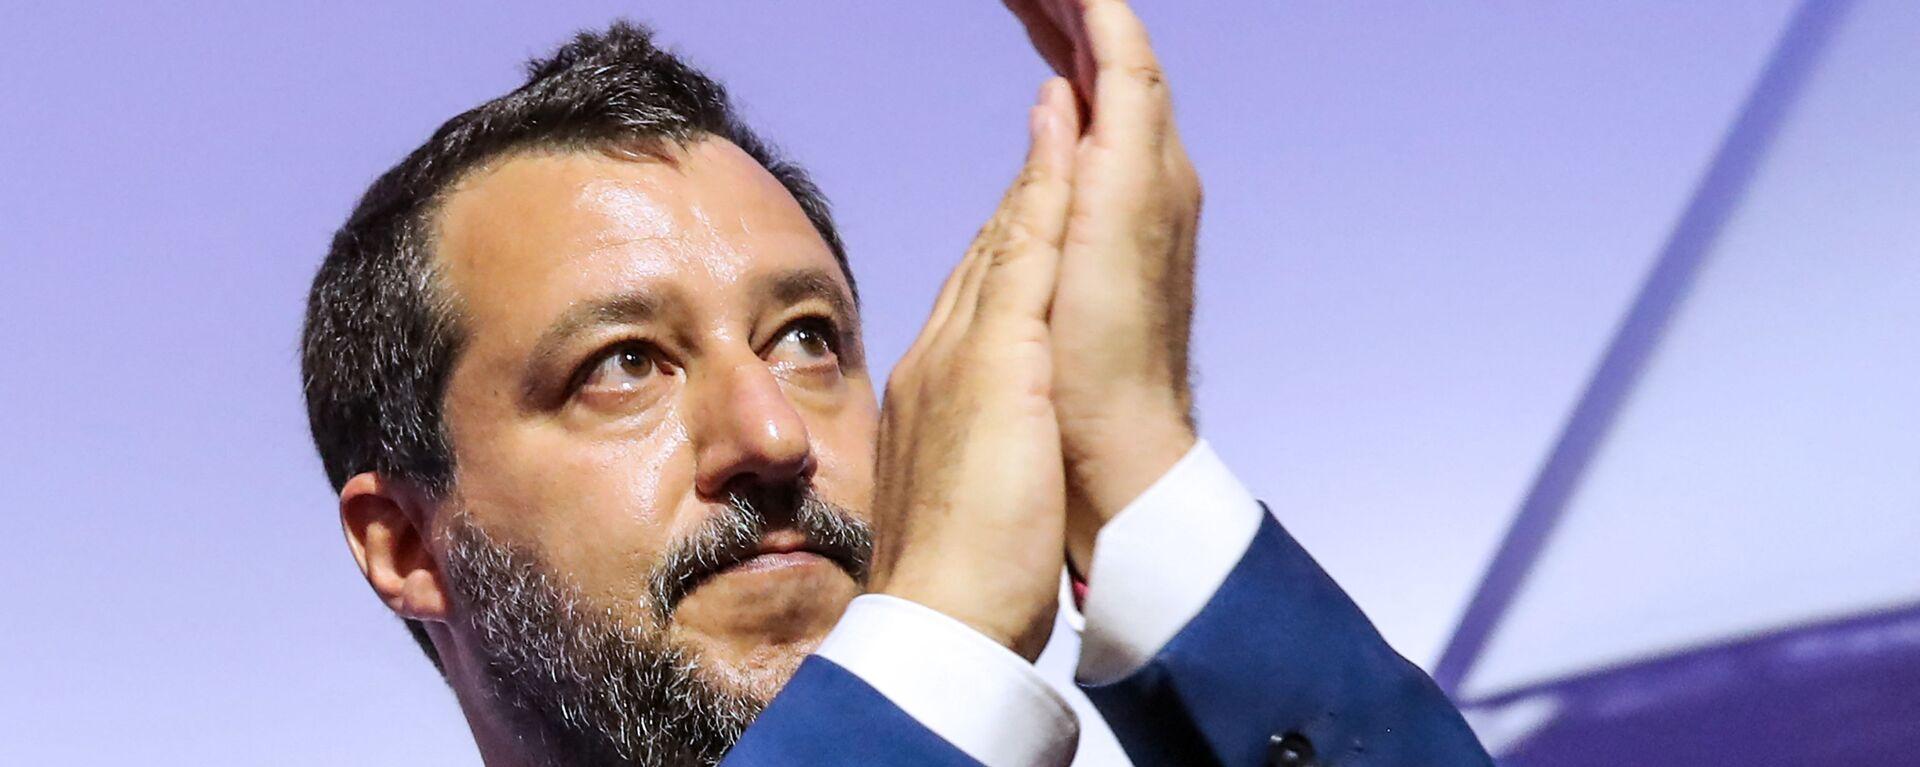 Matteo Salvini - Sputnik Italia, 1920, 29.08.2021